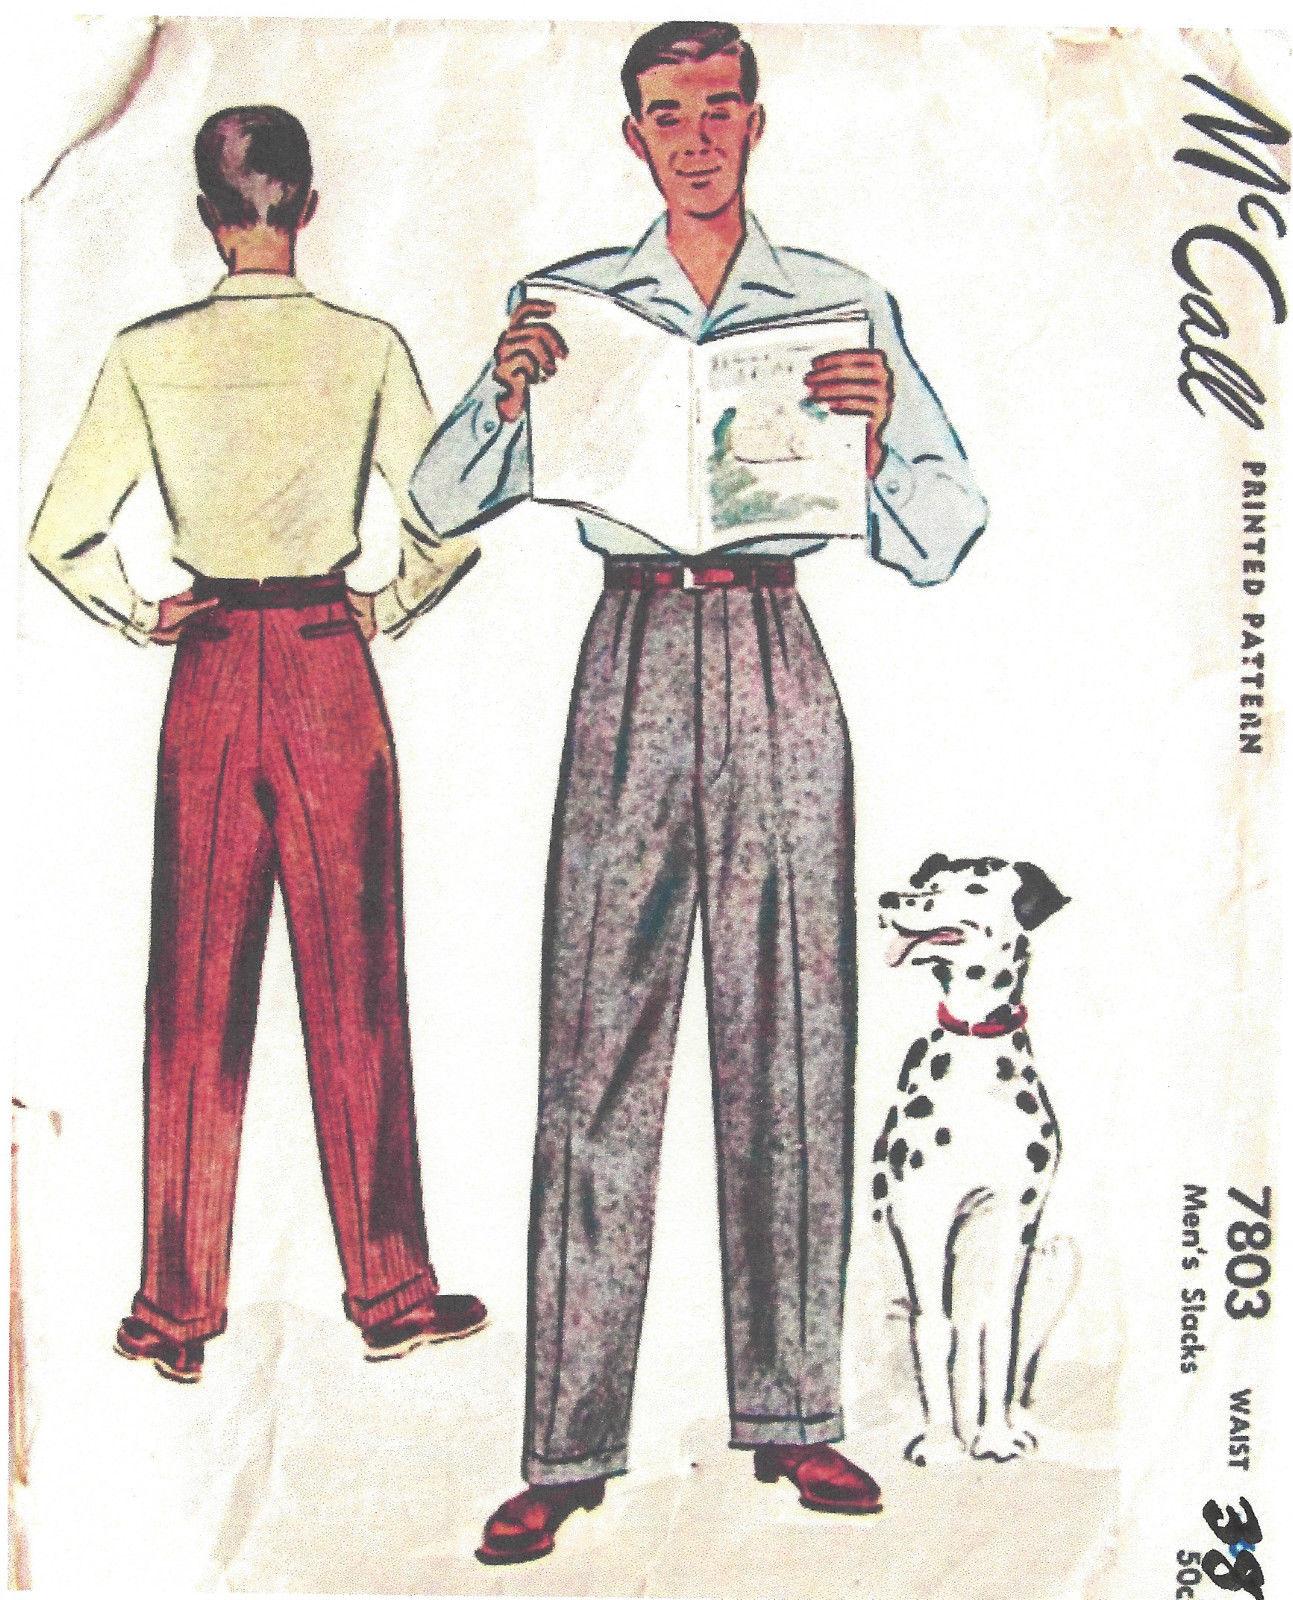 1940s ww2 vintage sewing pattern w38 mens pants trousers 1311 1940s ww2 vintage sewing pattern w38 mens pants trousers 1311 the vintage pattern shop jeuxipadfo Images